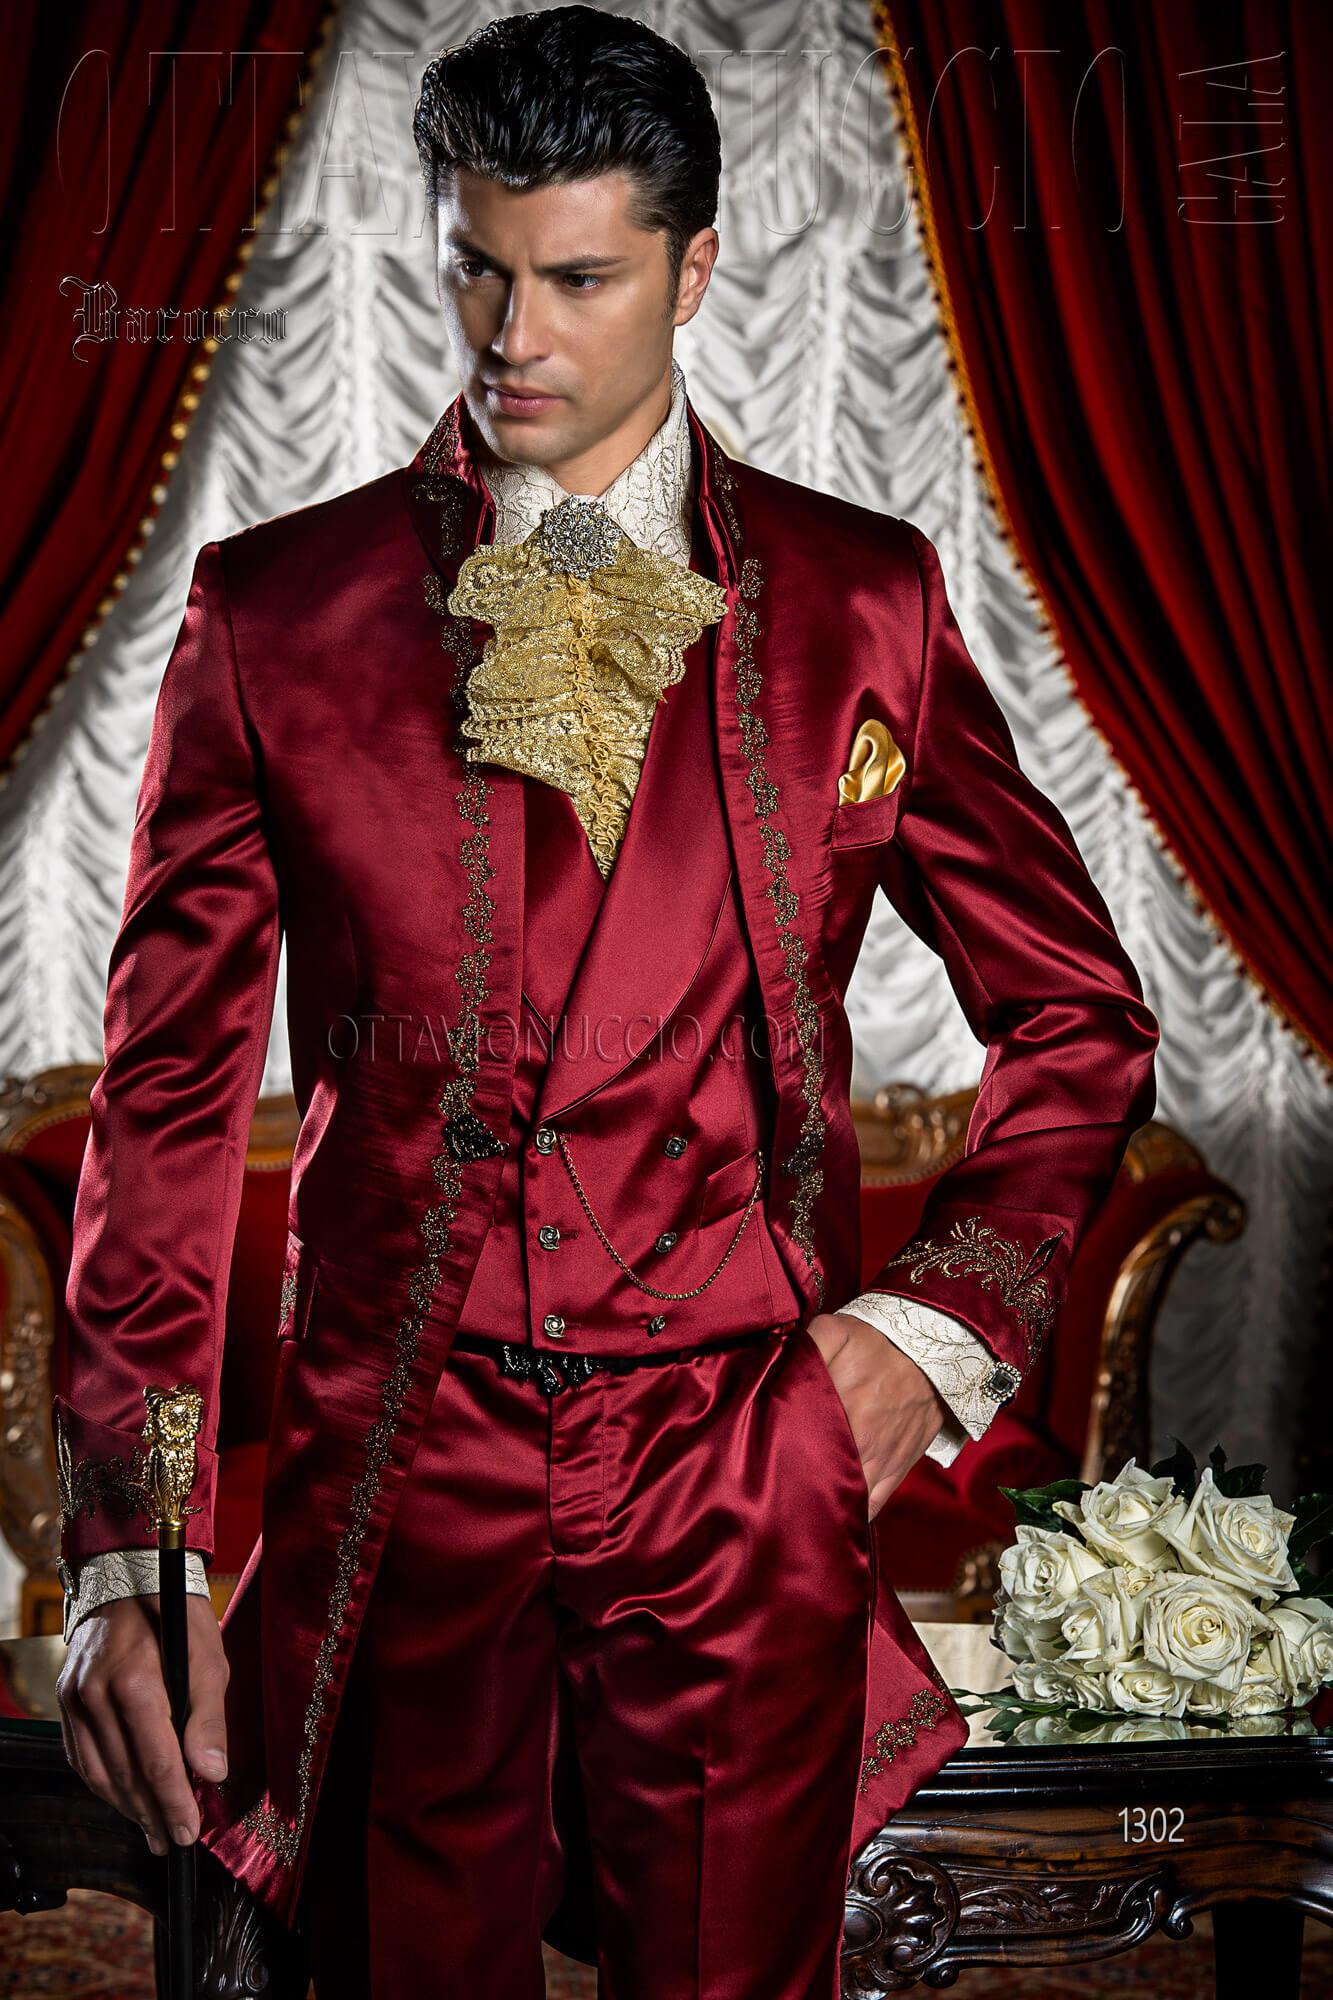 Abito Matrimonio Uomo Rosso : Abito uomo matrimonio bordeaux vestito da sposa uomo migliore